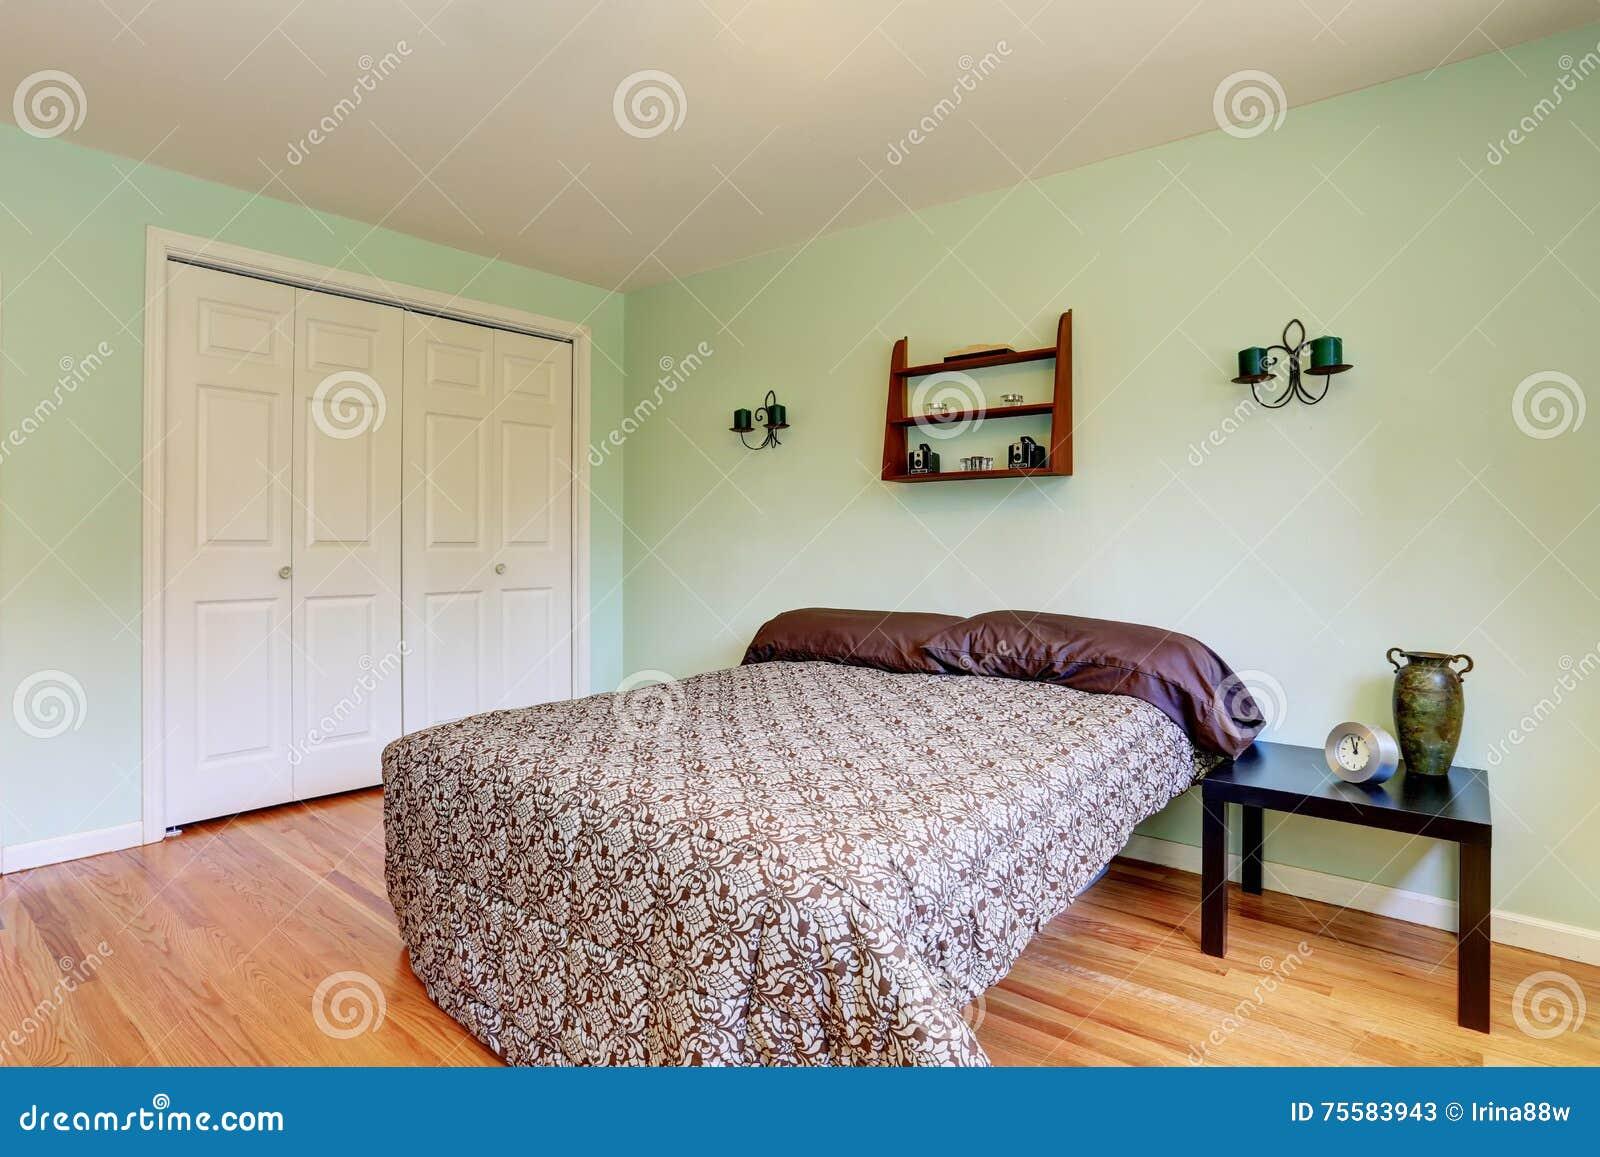 Candele Camera Da Letto : Camera da letto della menta con il pavimento e le candele di legno